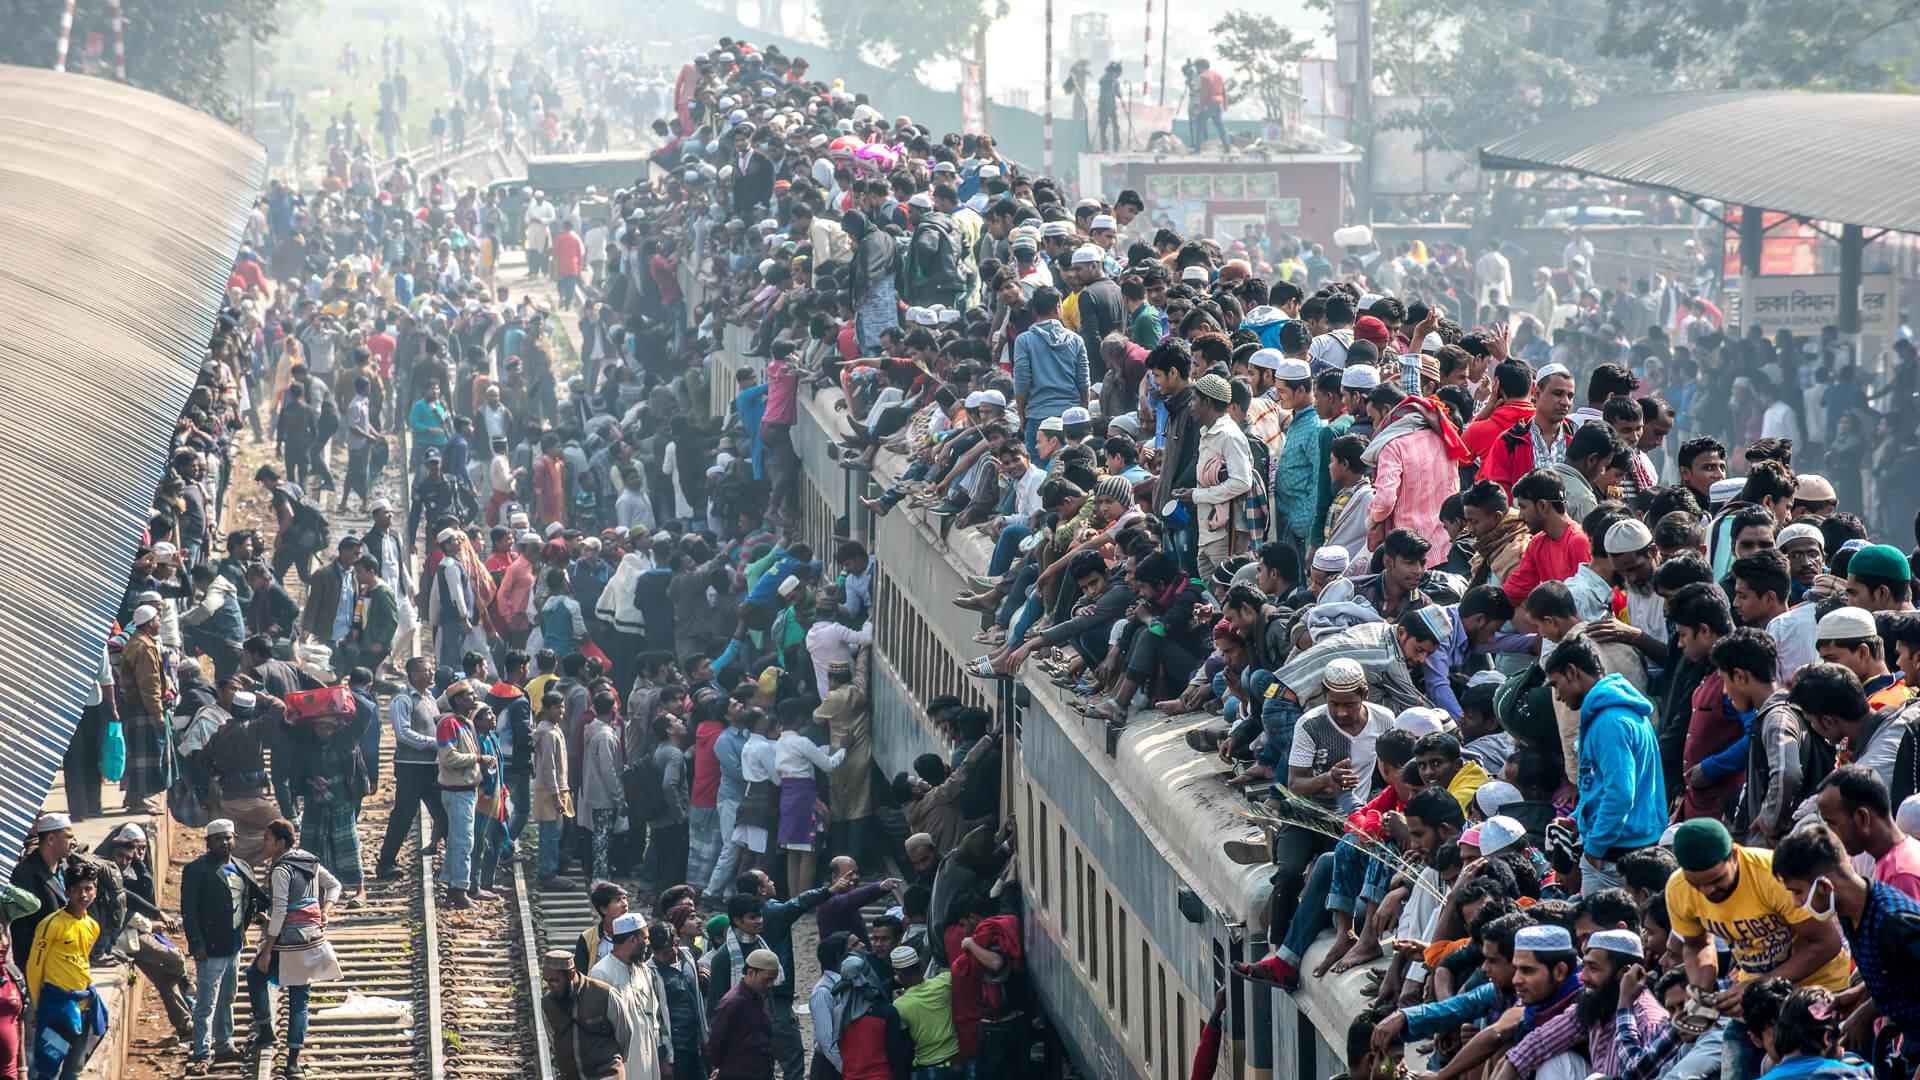 Dhaka Bangladesh train full of passengers due to overpopulation